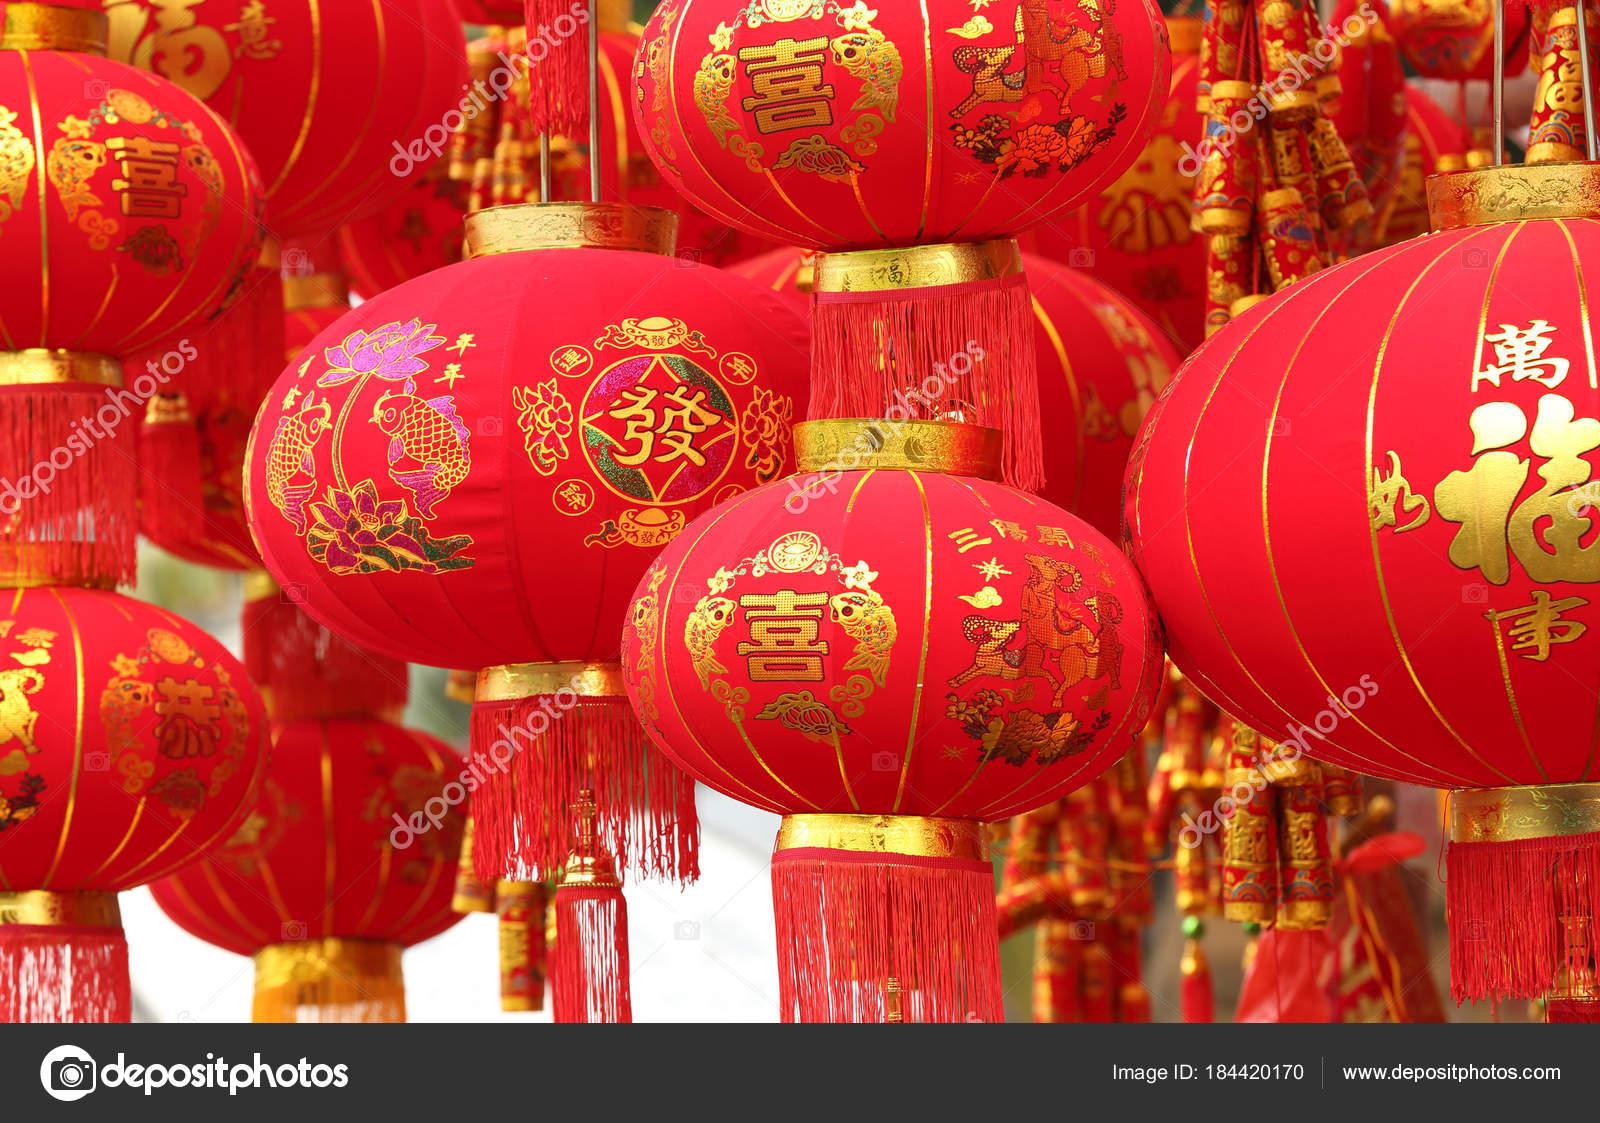 Chinesisches Neujahr Dekor Laternen Mit Wörtern Die Besten Wünsche ...